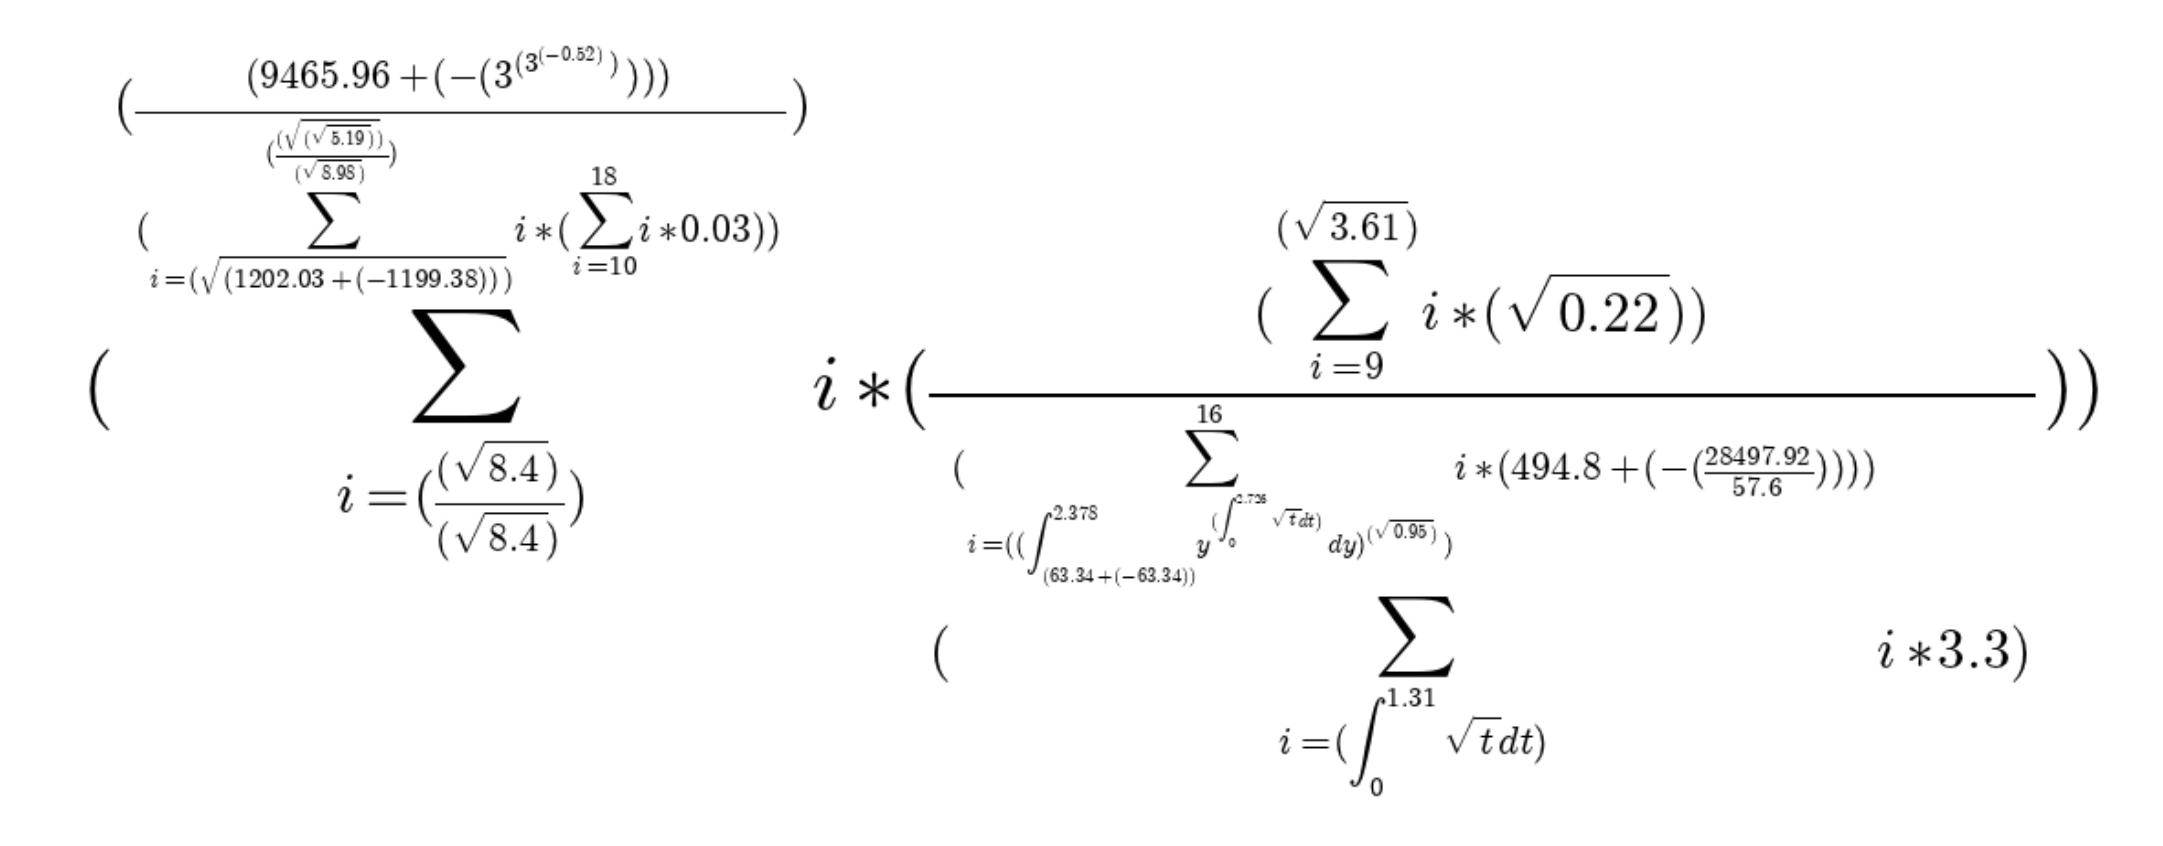 Генератор простых арифметических примеров для чайников и не только